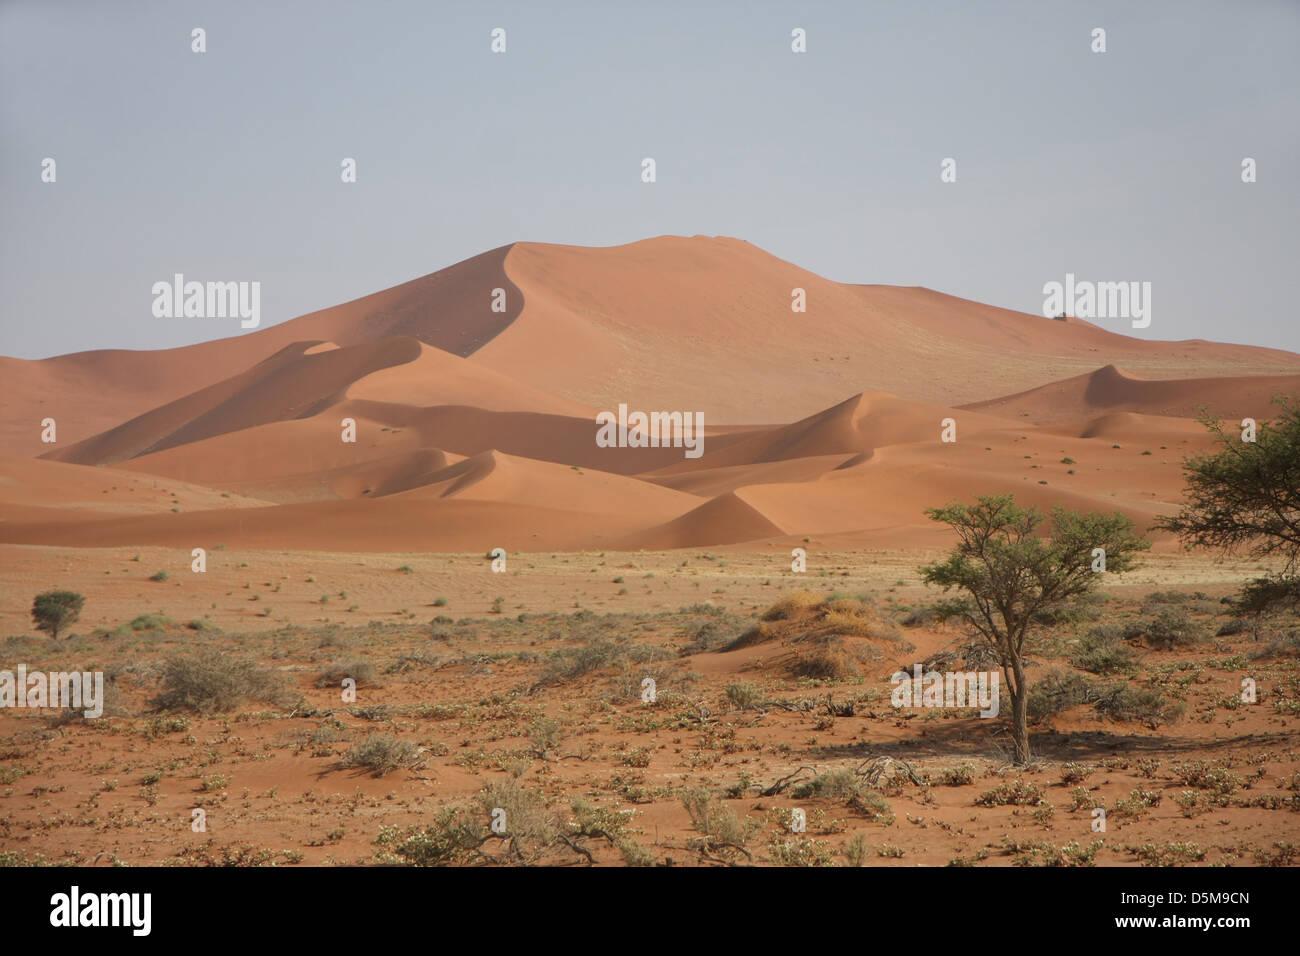 Sand dunes, Dead Vlei, near Sossusvlei, Namib Desert, Namib-Naukluft National Park, Namibia, Africa Stock Photo